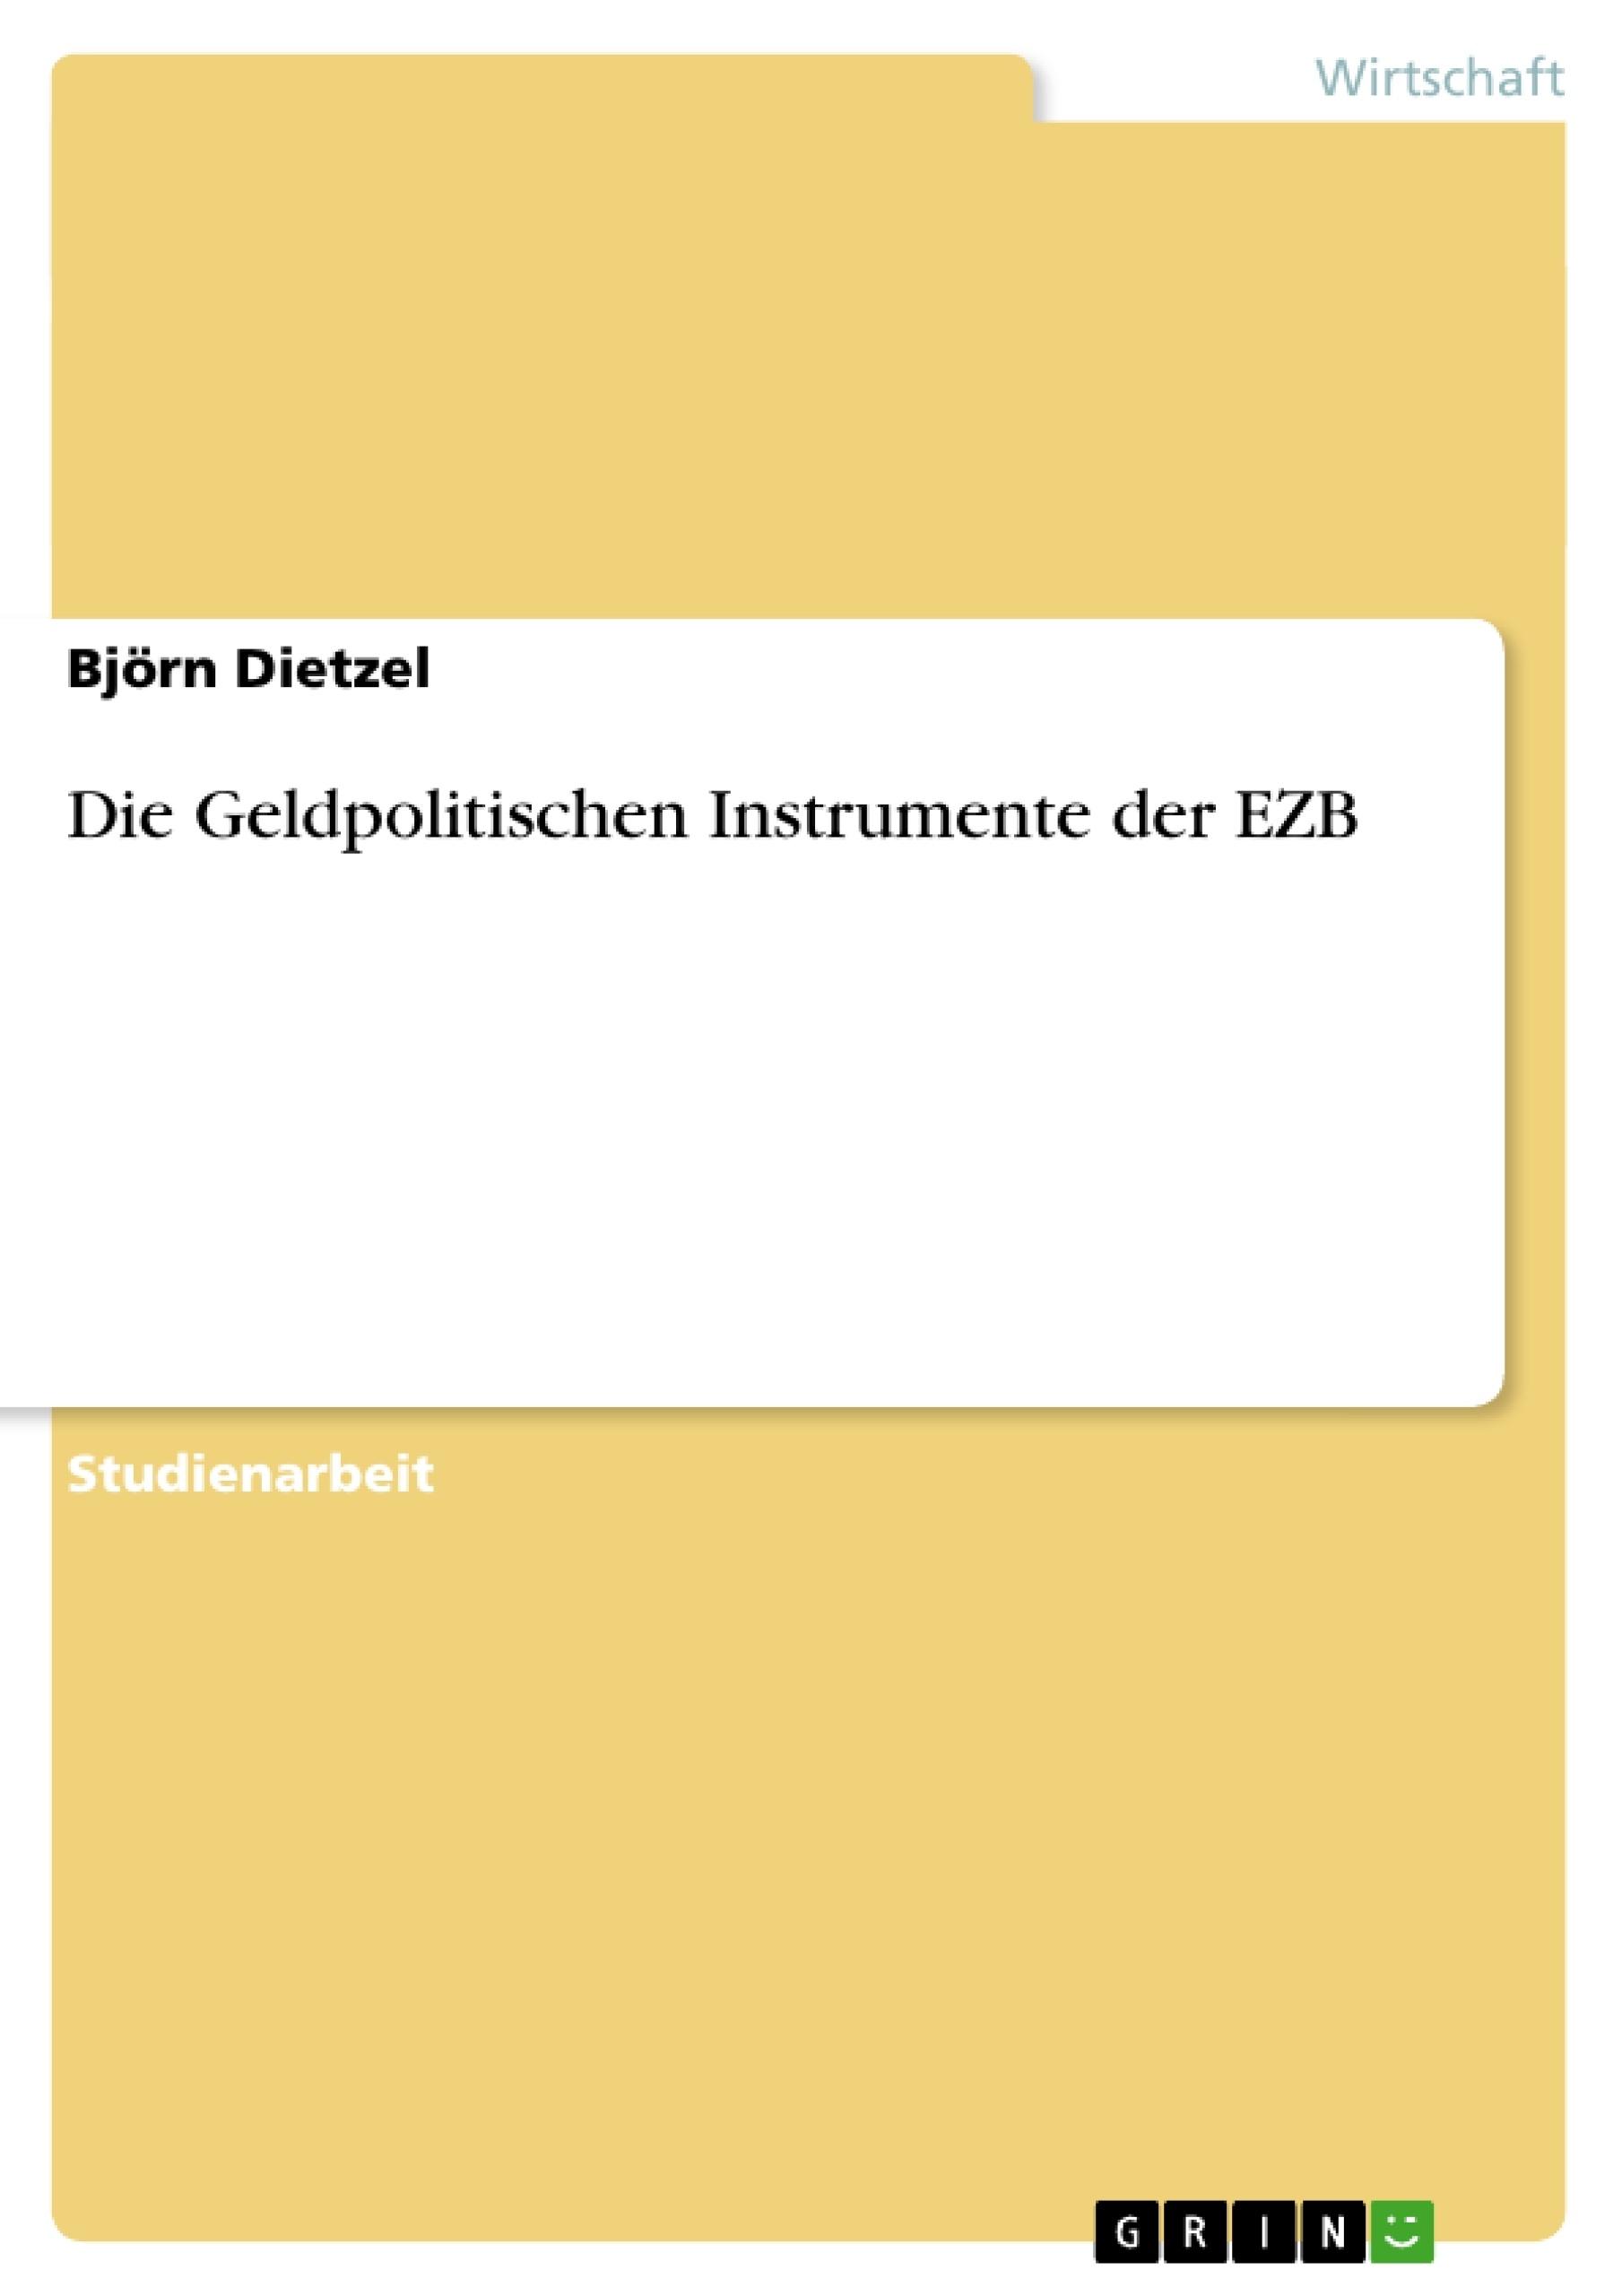 Titel: Die Geldpolitischen Instrumente der EZB